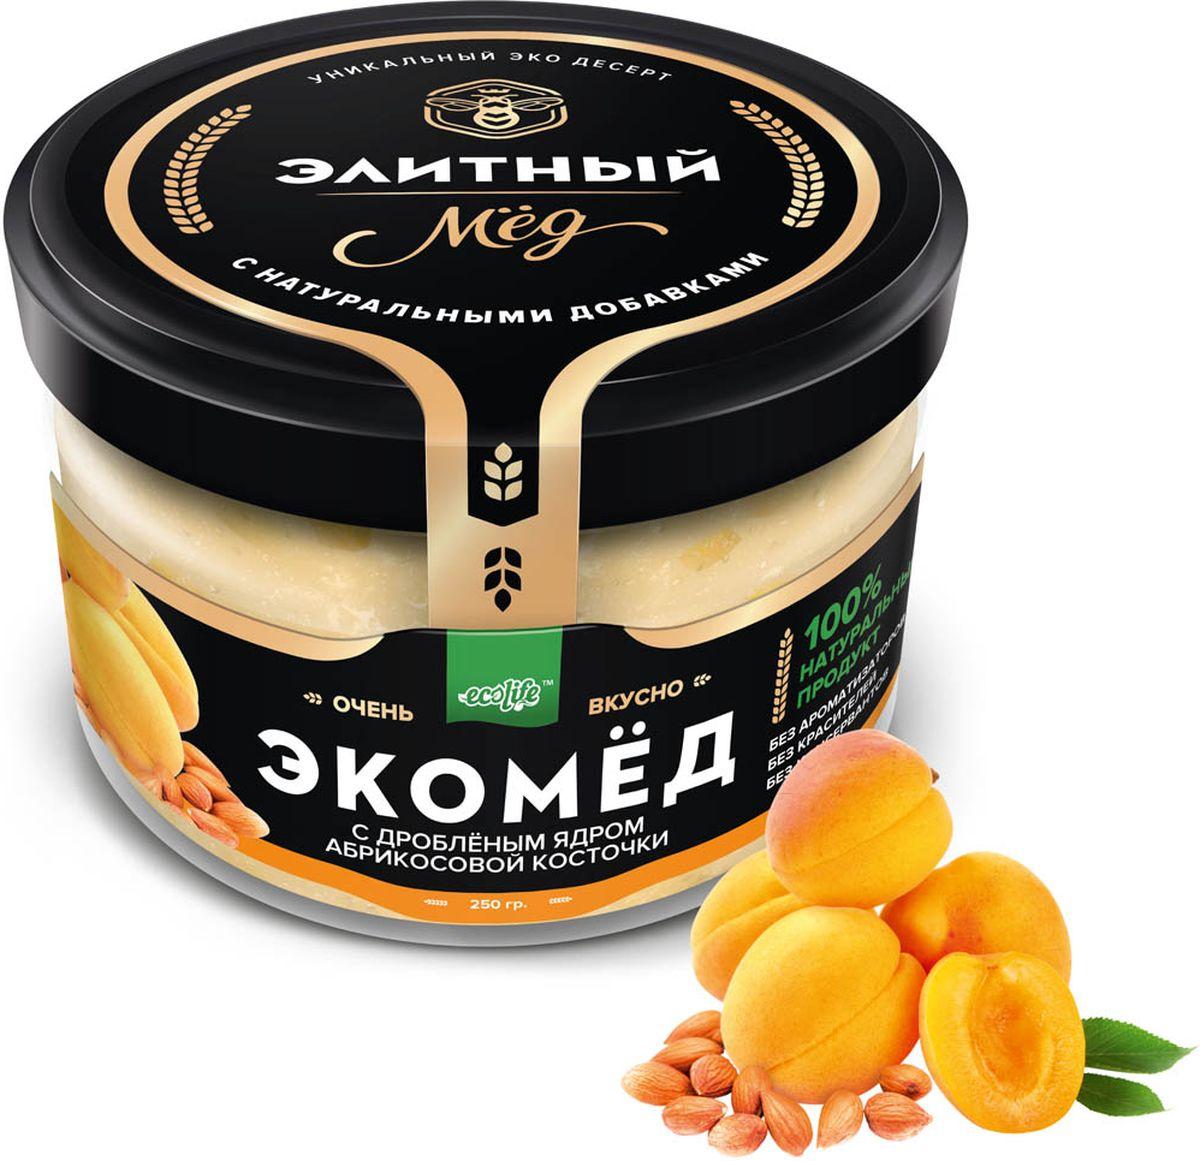 Ecolife Экомед с ядрами абрикосовой косточки, 250 г дешевый